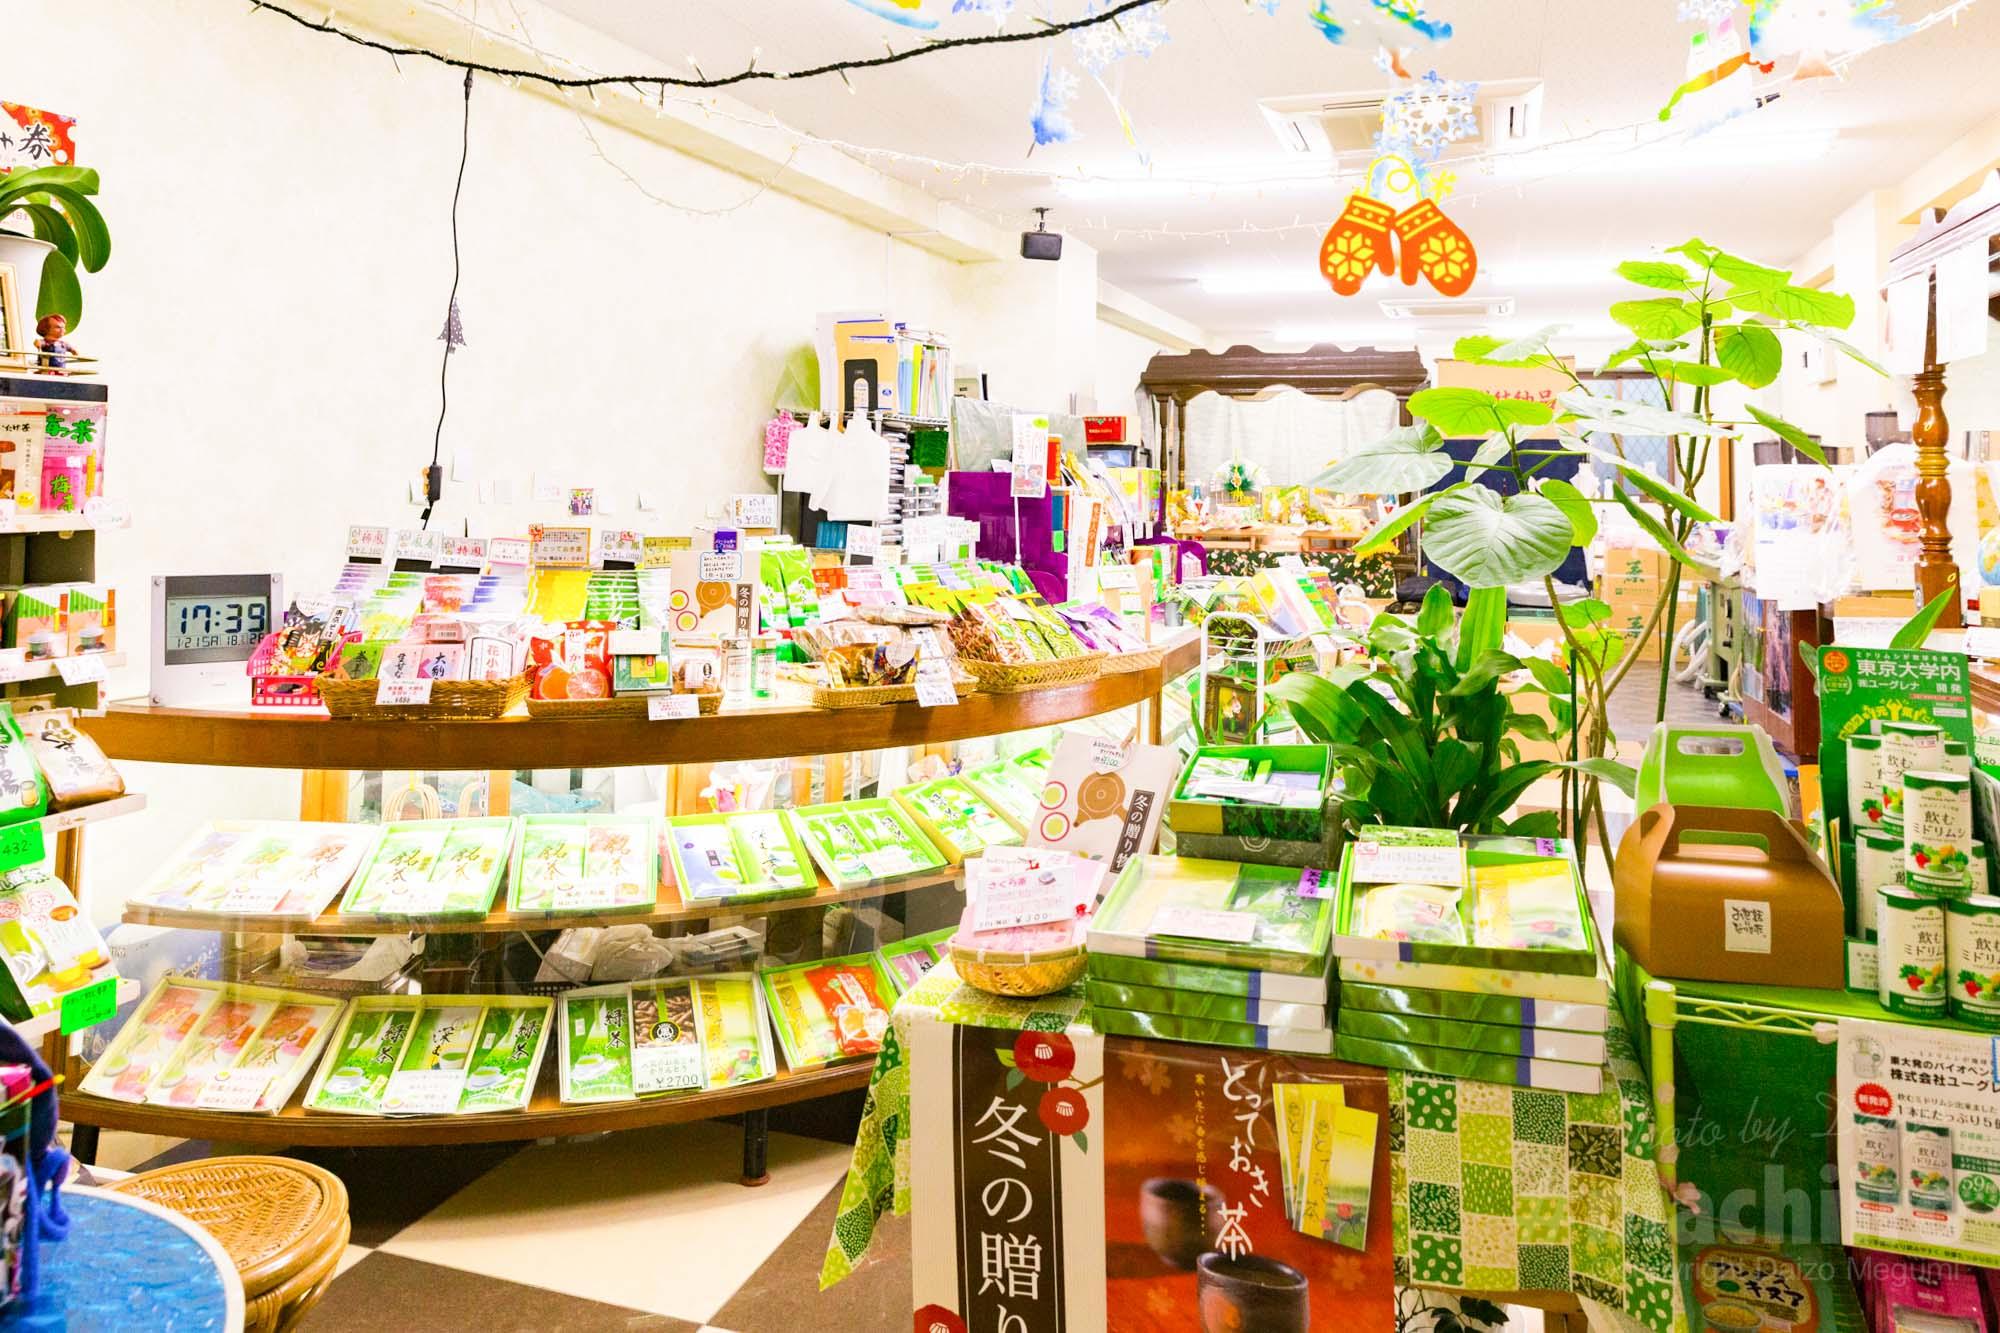 お茶の堀口園 Machiiro 記事写真 3